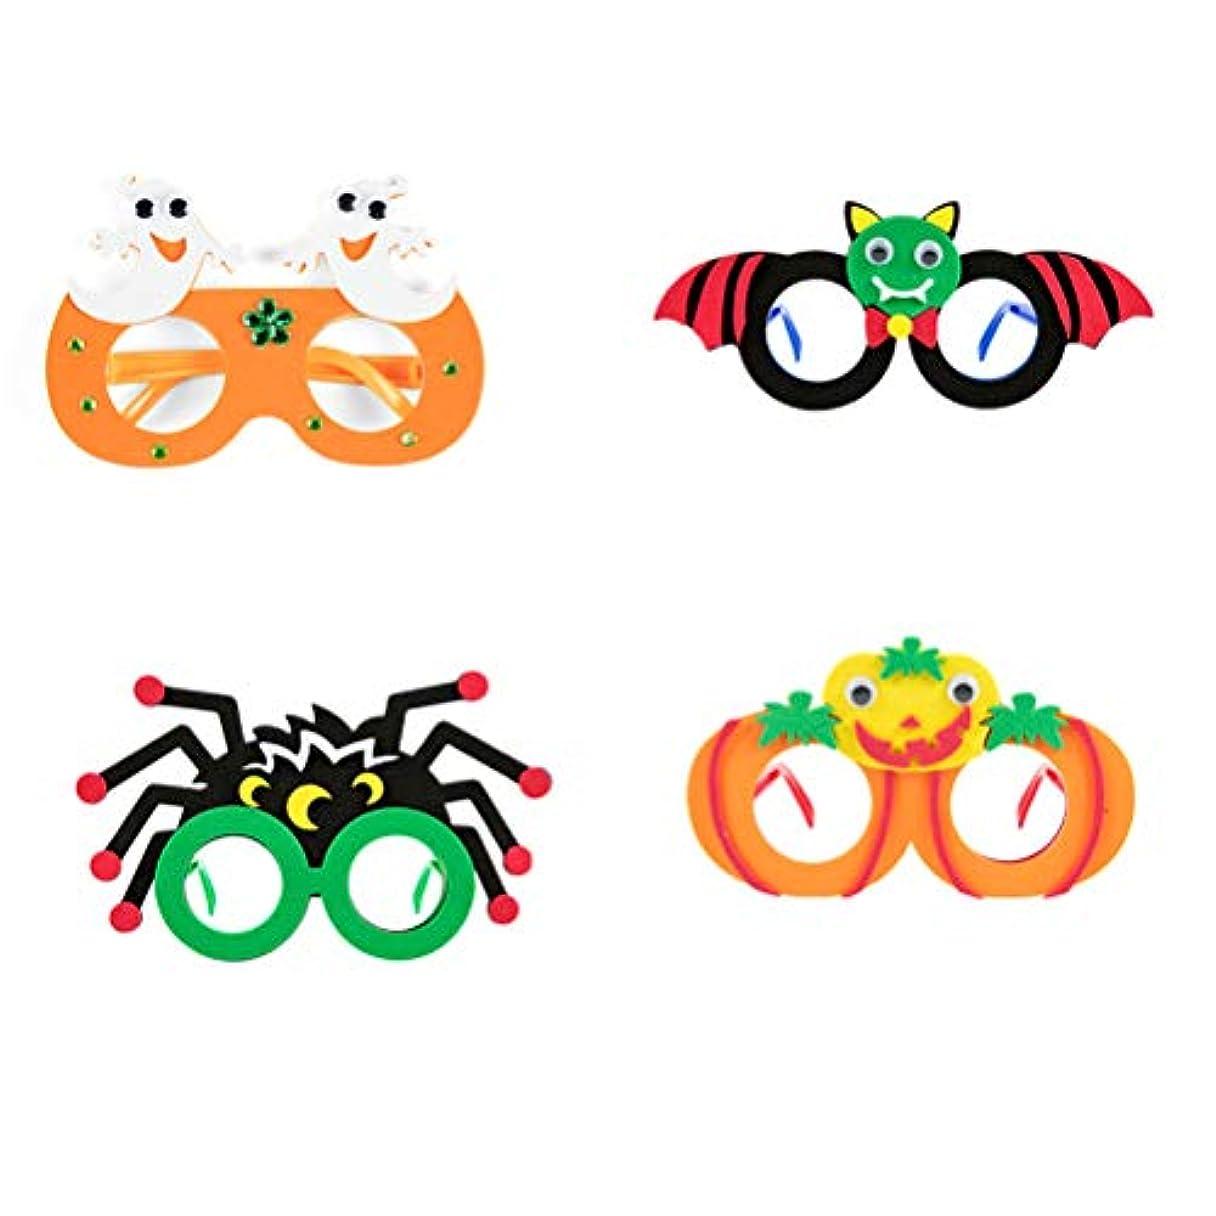 構成員列挙する右AMOSFUN 4ピースハロウィンパーティーガラス用子供パンプキンバットゴーストスパイダー眼鏡トリッキーないたずらプロップドレスアップパーティー衣装子供のため